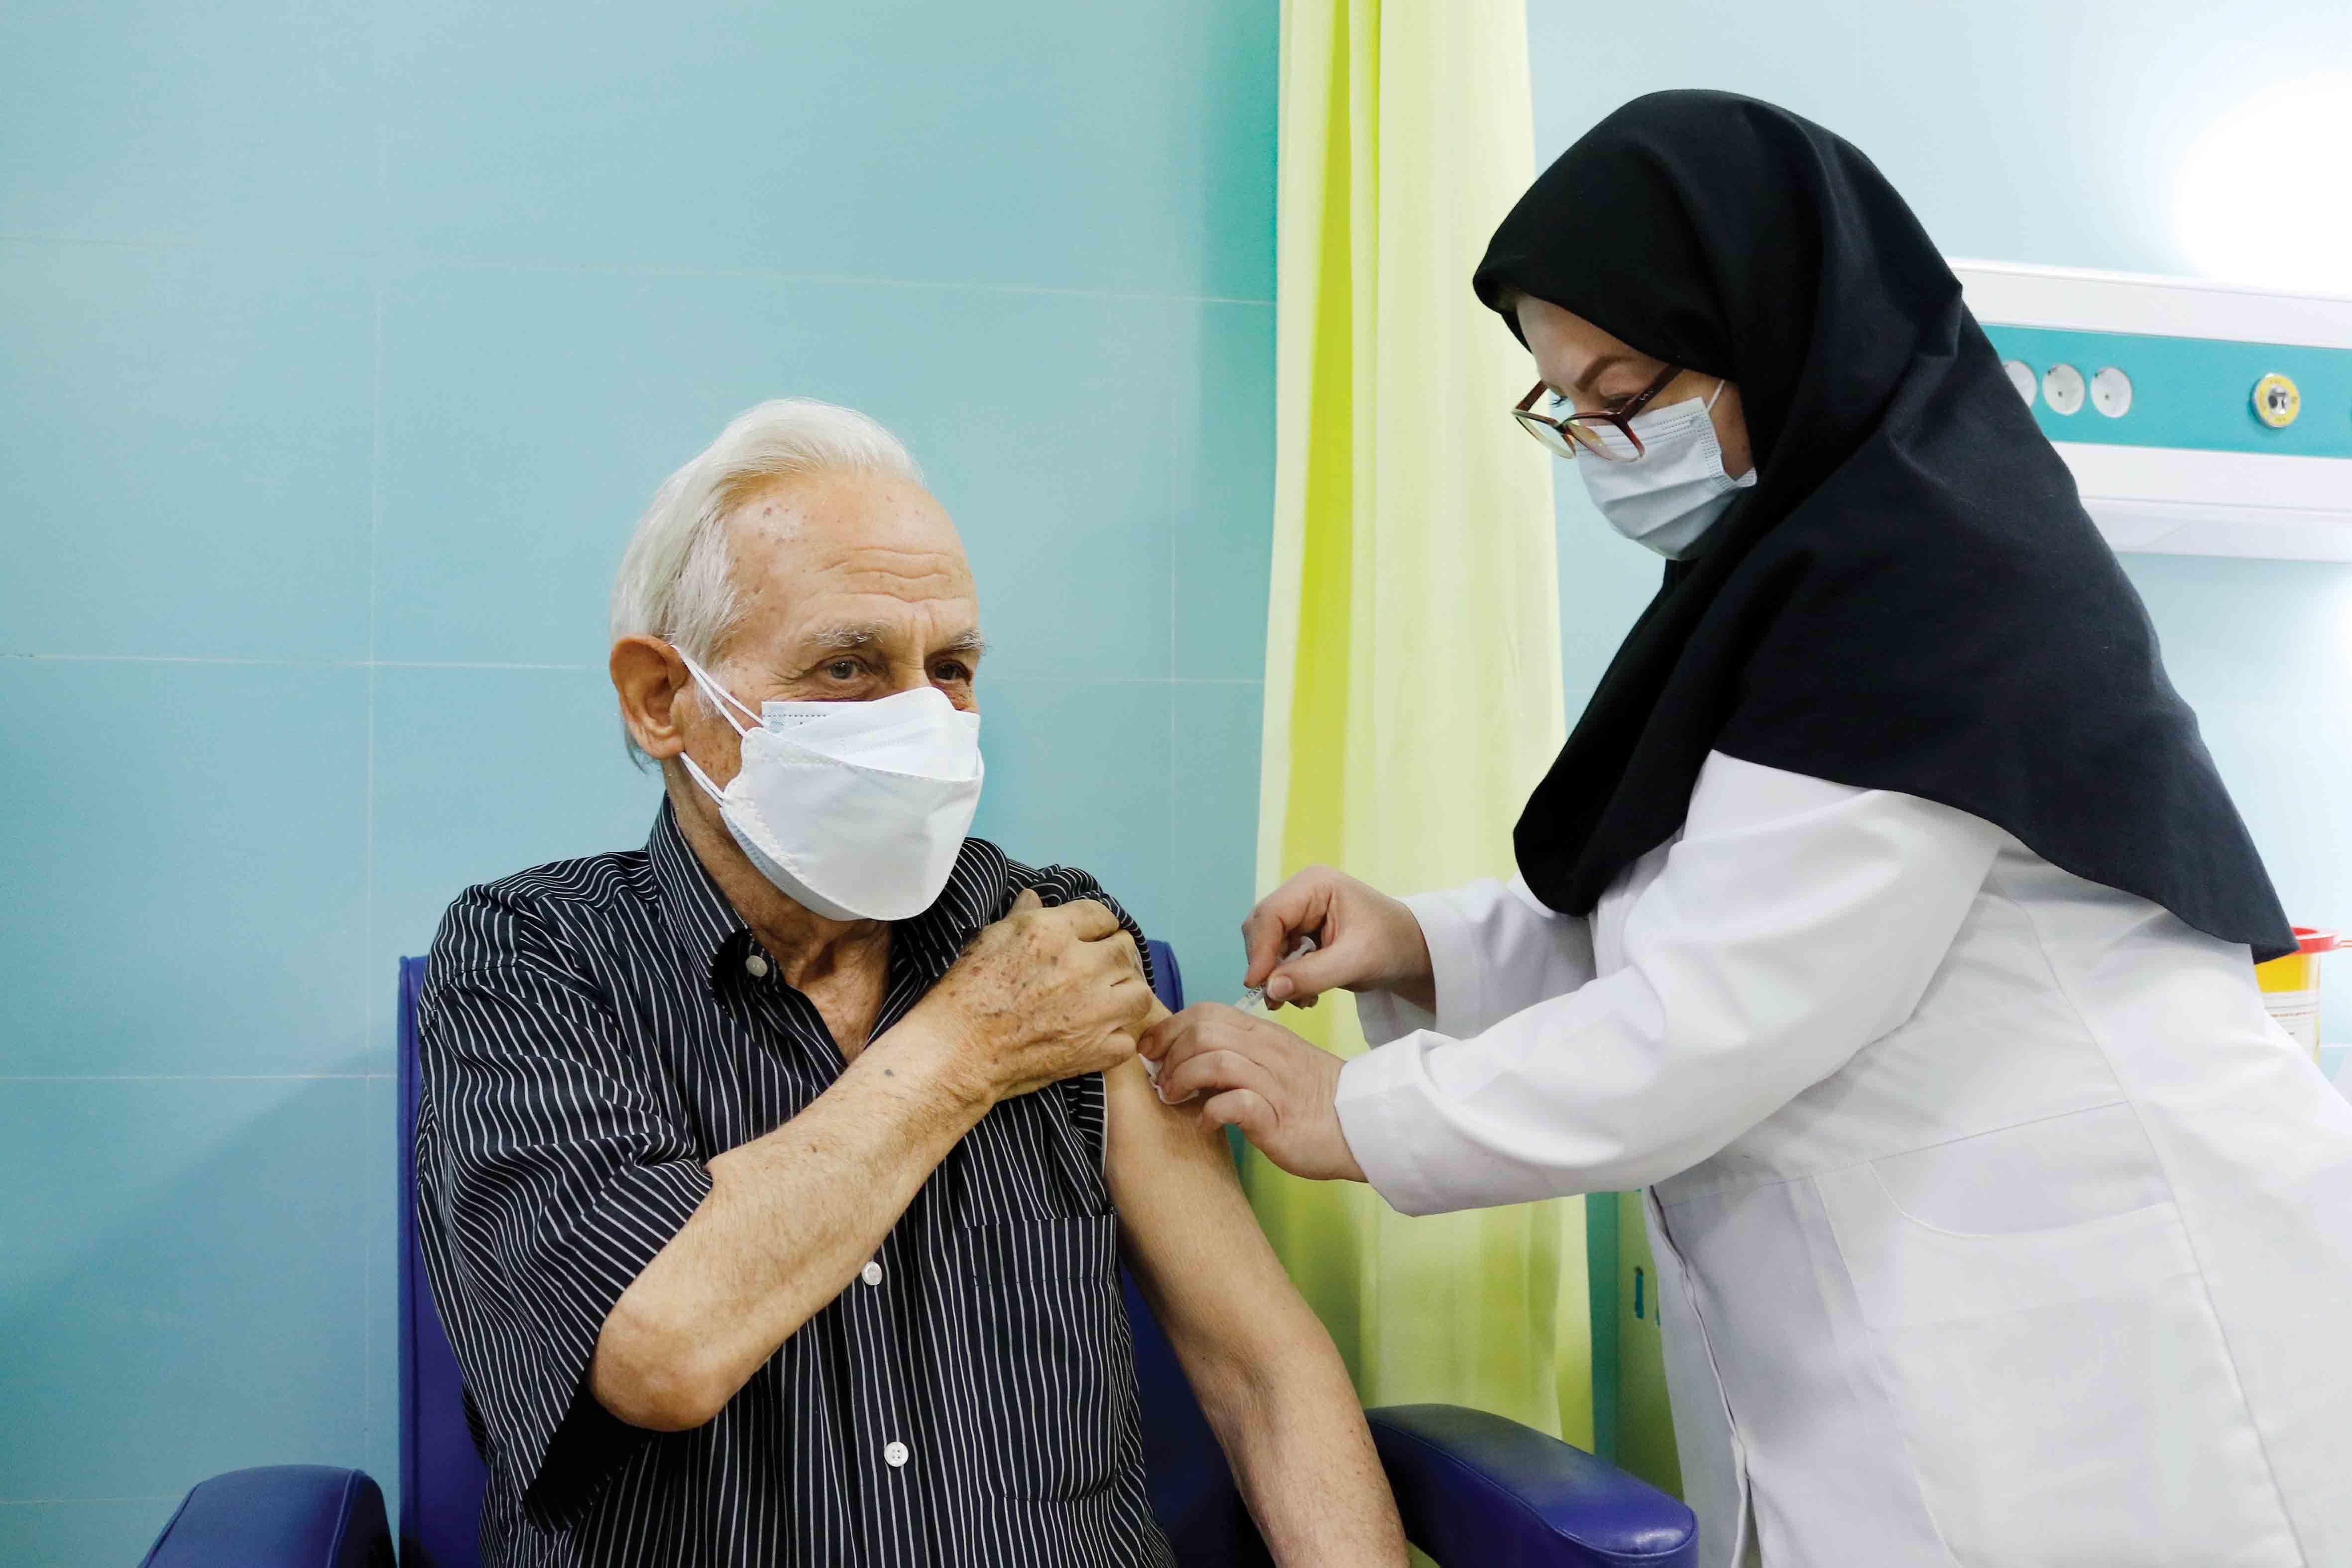 واکسیناسیون ۷۰ درصد افراد بالای ۷۰ سال آذربایجان شرقی